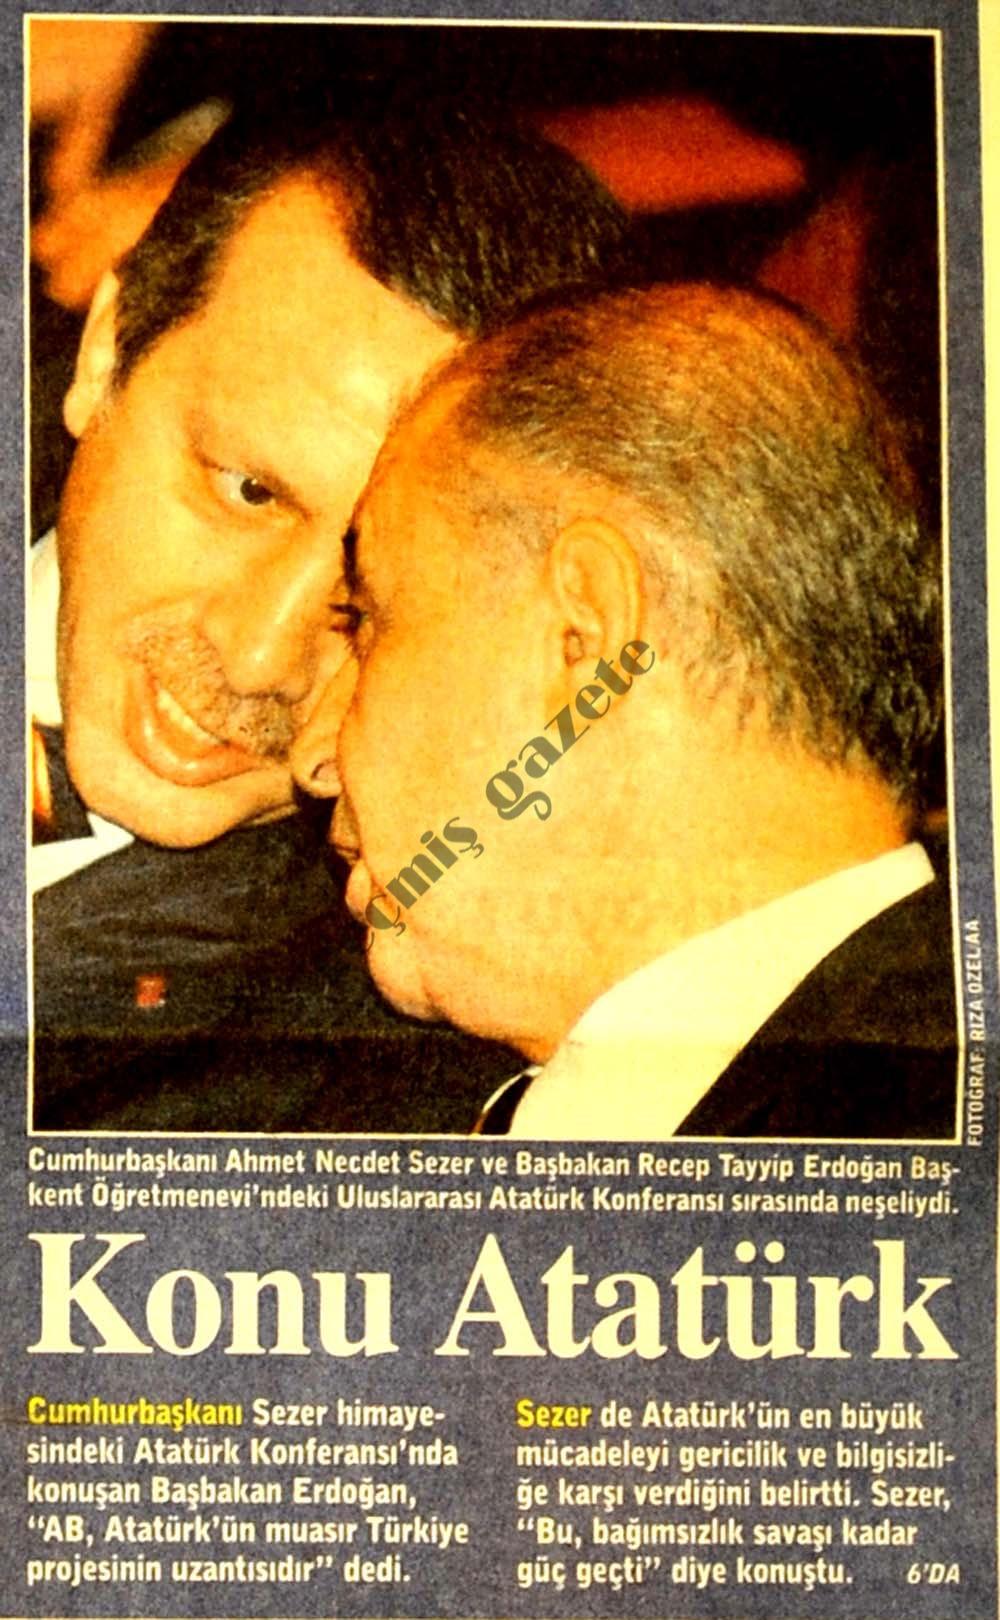 Konu Atatürk